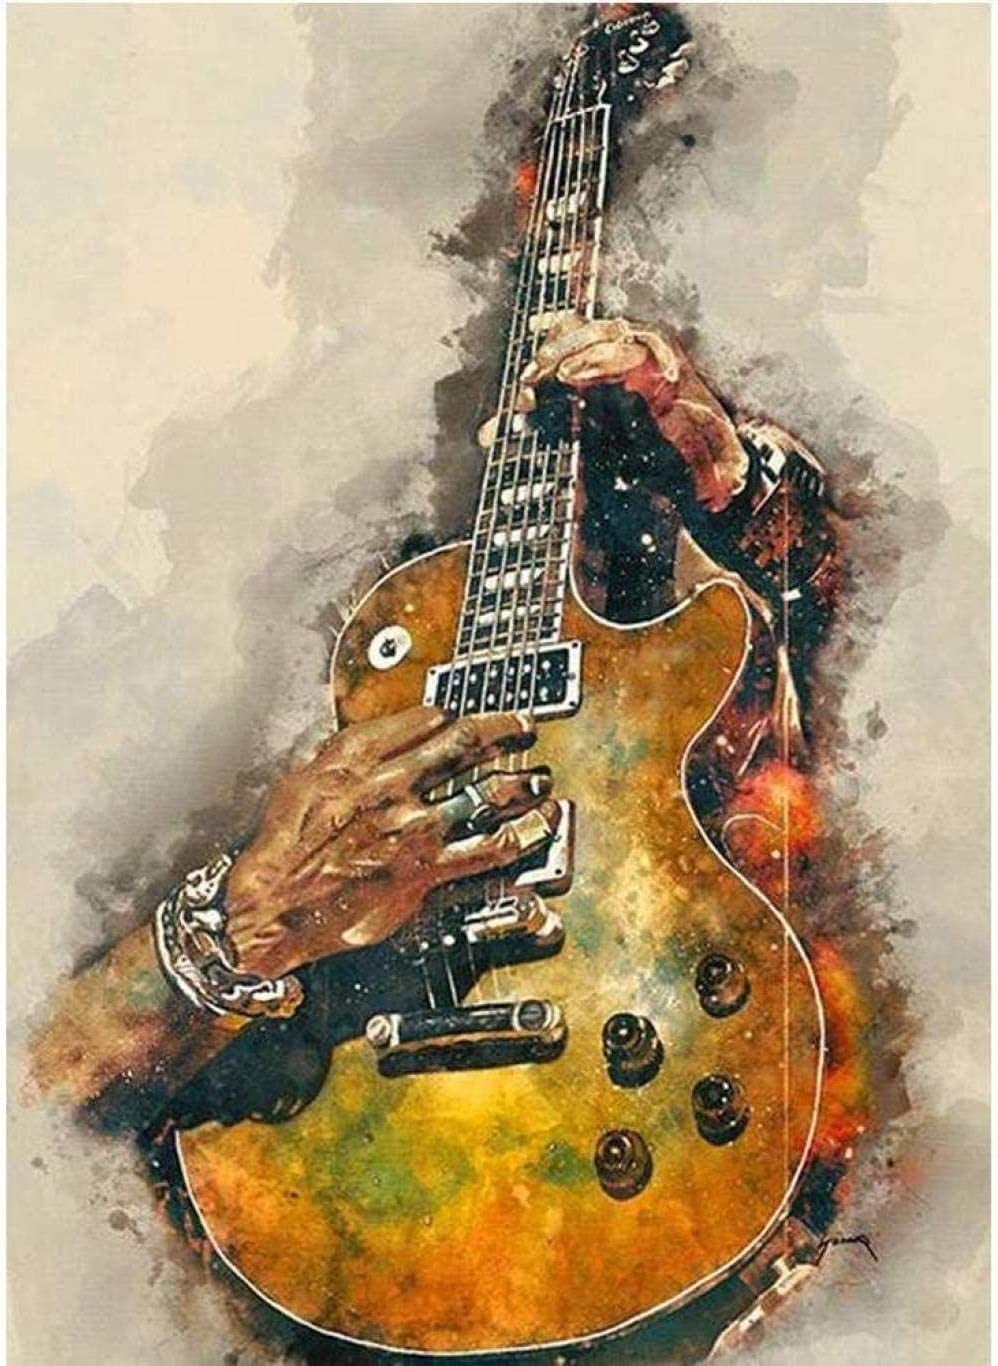 WYTCY Pintar Por Números - Guitarra. Pintura Al Óleo De Lienzo De Lino, Pintura De Arte Moderno, Kit De Pintura De Bricolaje, Adecuado Para Adultos Y Principiantes40*50CM